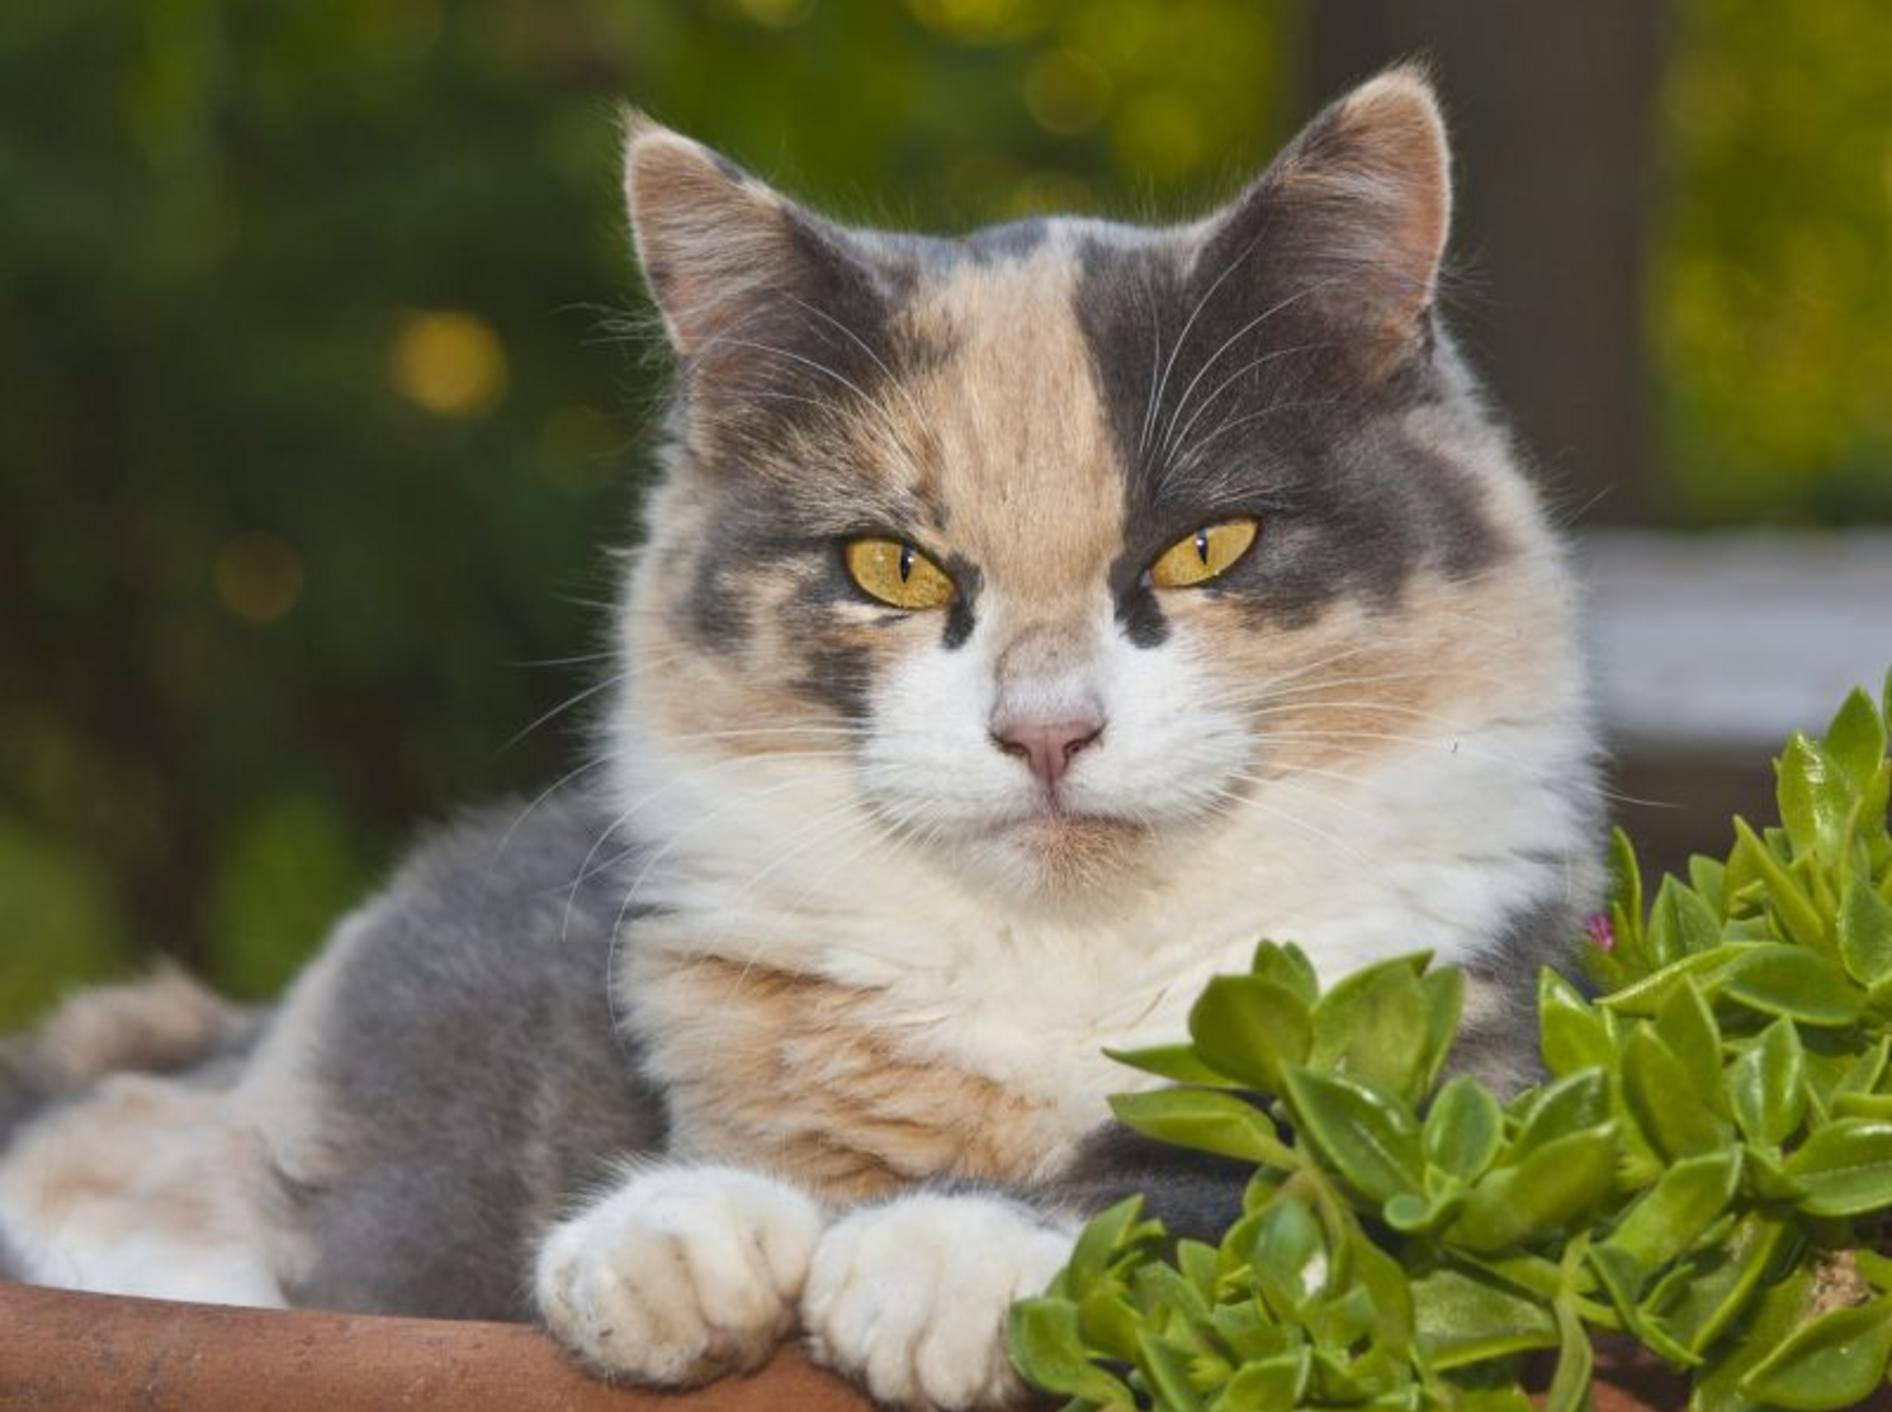 Ungiftige Balkonpflanzen für Katzen gibt es im Zoofachgeschäft und in der Gärtnerei – Shutterstock / J. McPhail